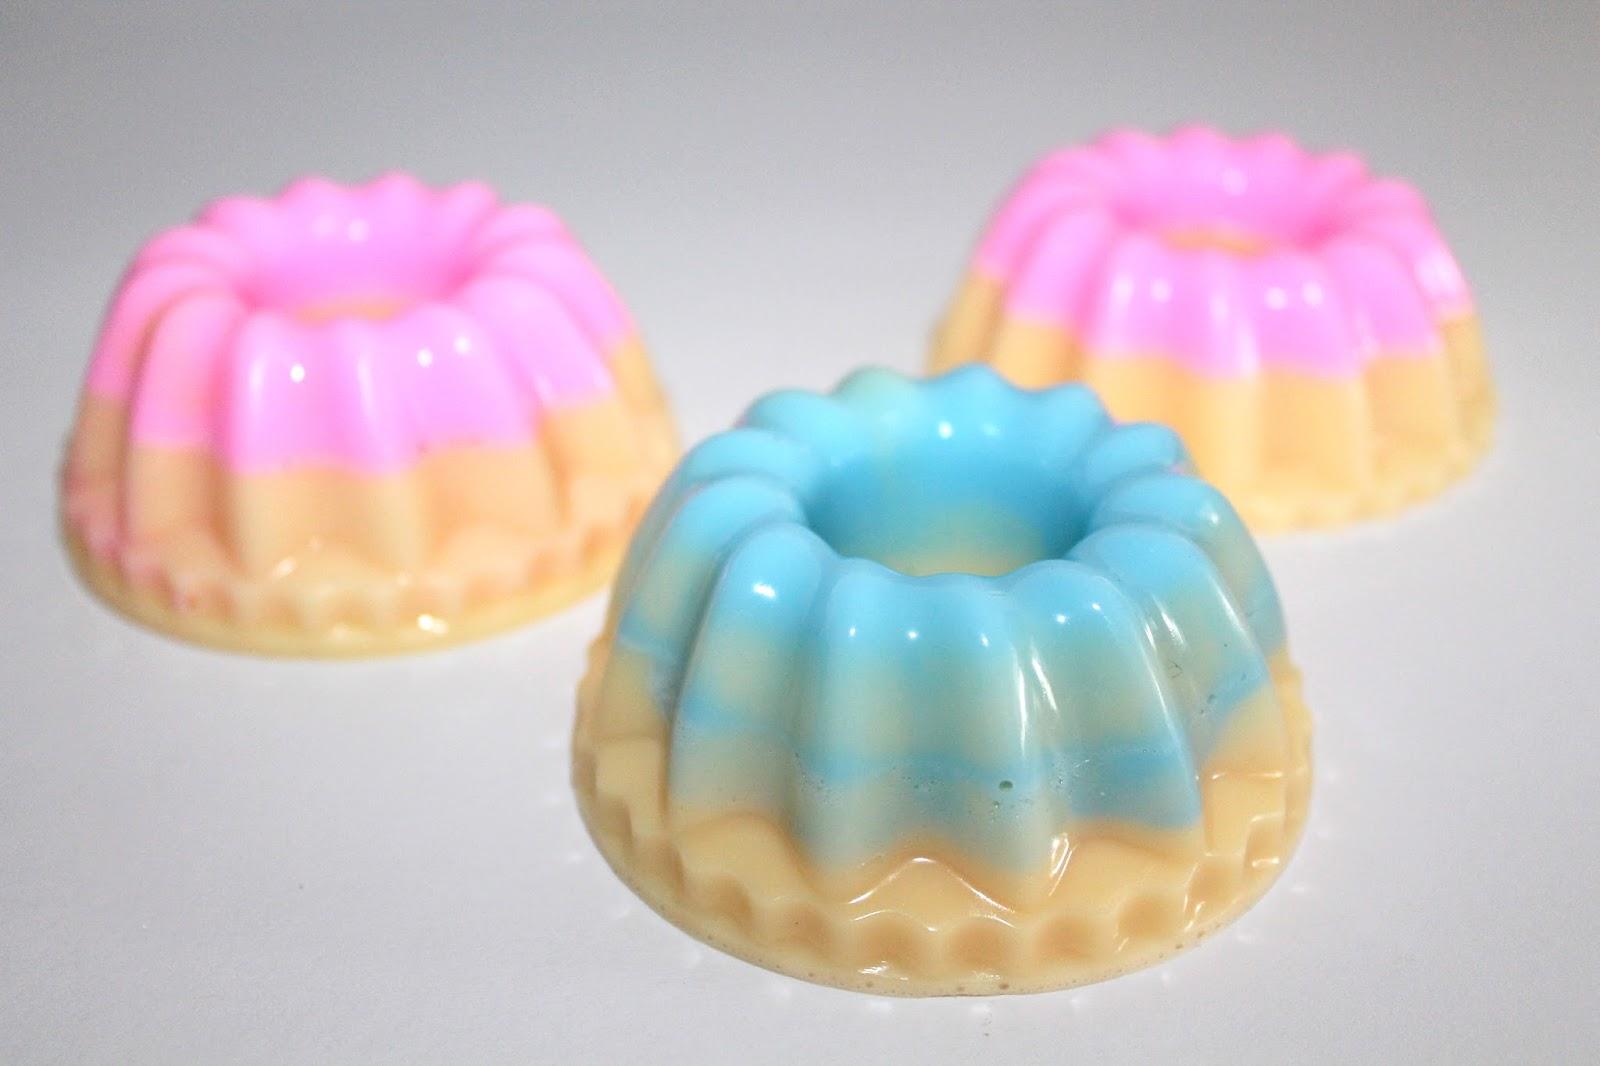 DIY, Basteln: Gugelhupf mit rosa und blauem Guss als Geschenkidee, Kosmetik, Beauty und Wohndekoration - DIYCarinchen